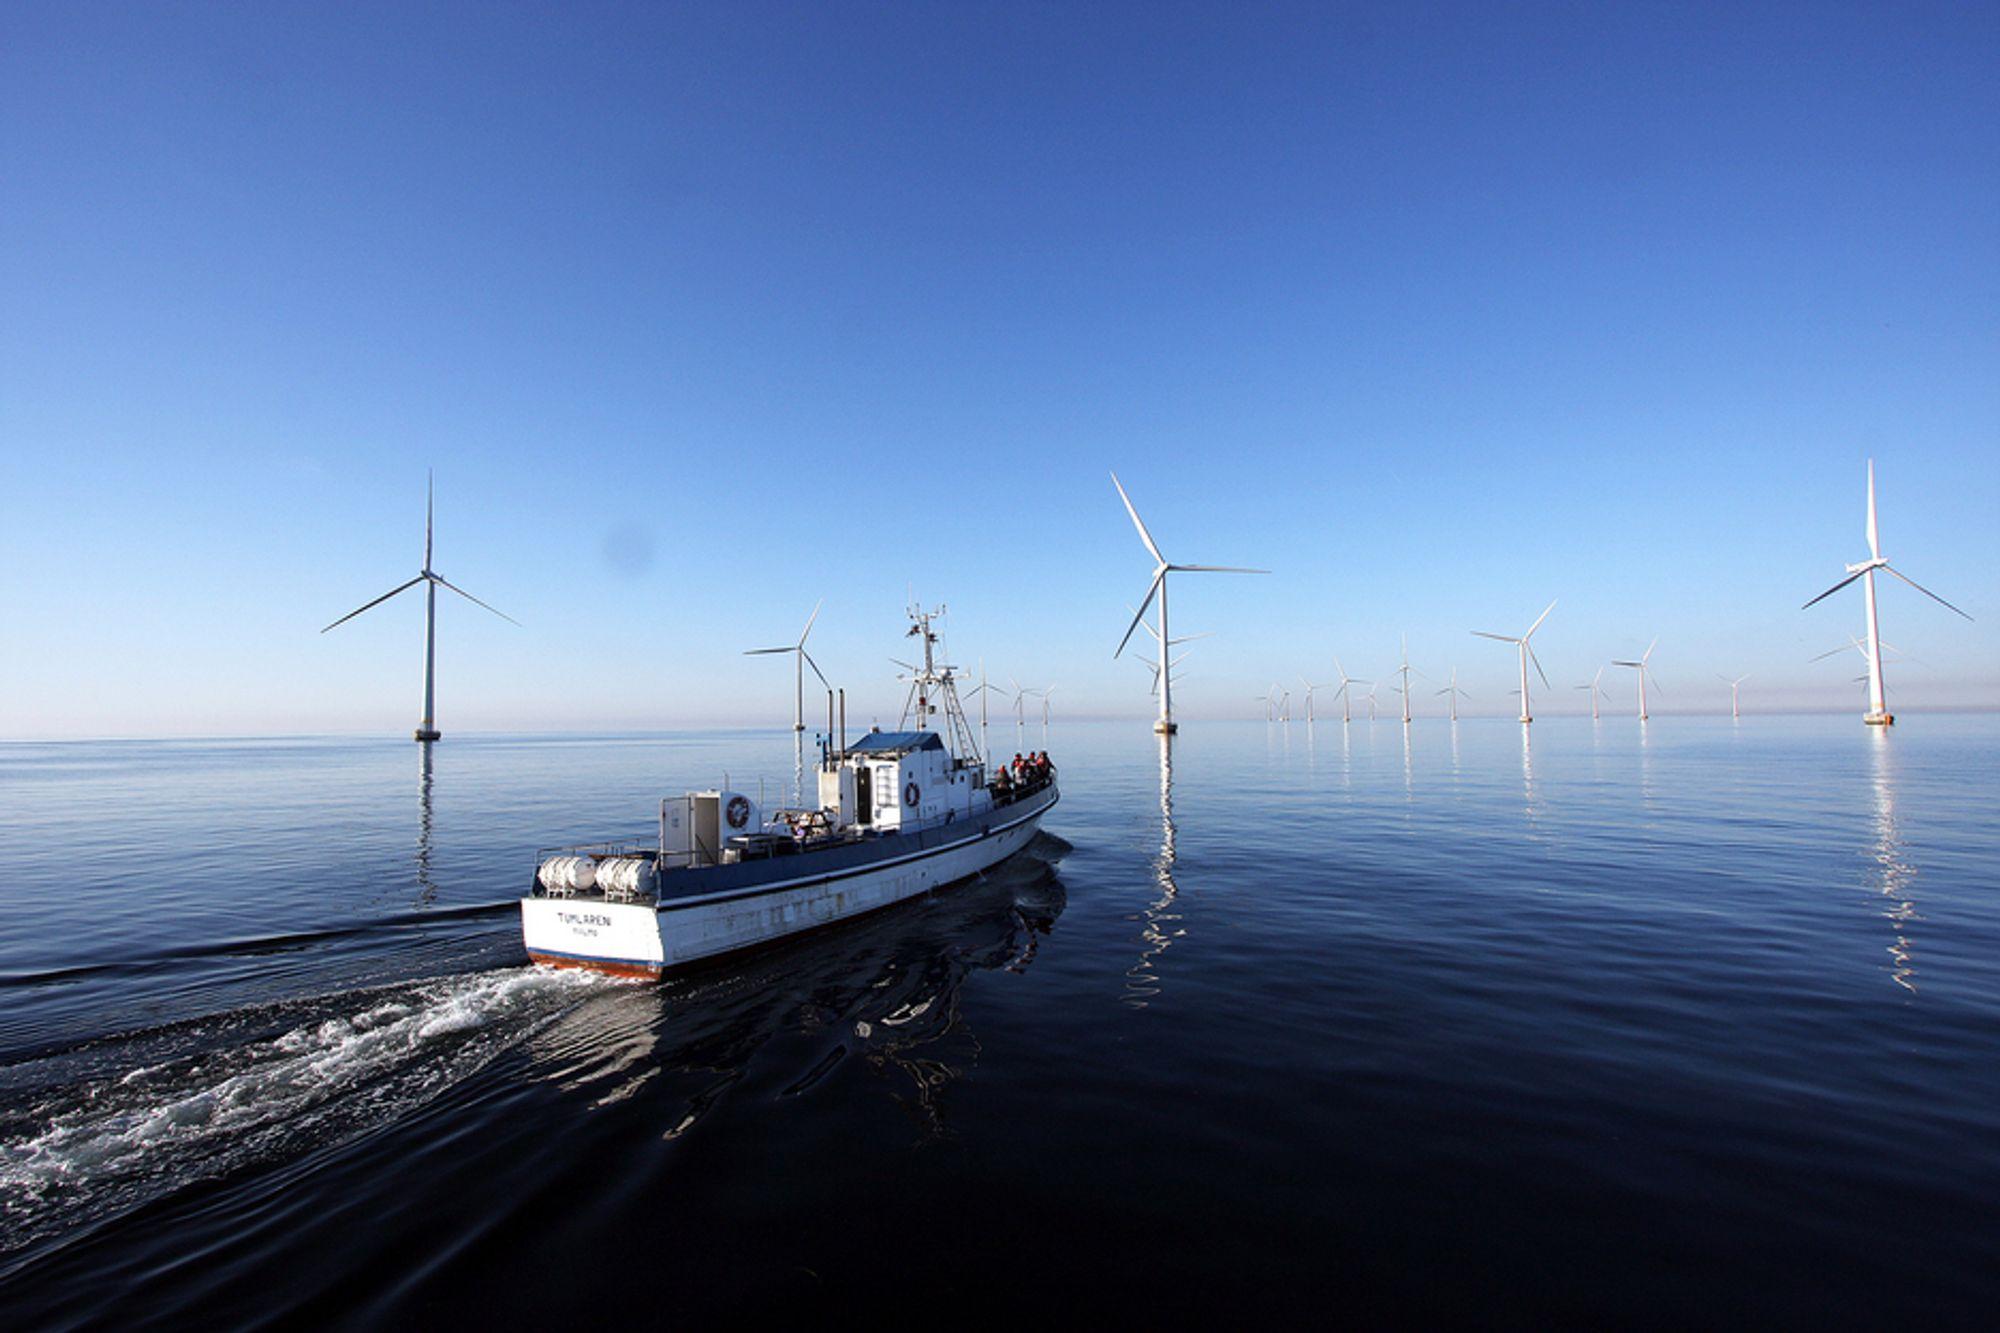 Avviser påstand: NTNU-forskerne Markus Steen og Tyson Weaver sier havvindmarkedet allerede er viktig for mange norske olje- og gassbedrifter, og vil bli enda viktigere i framtiden.